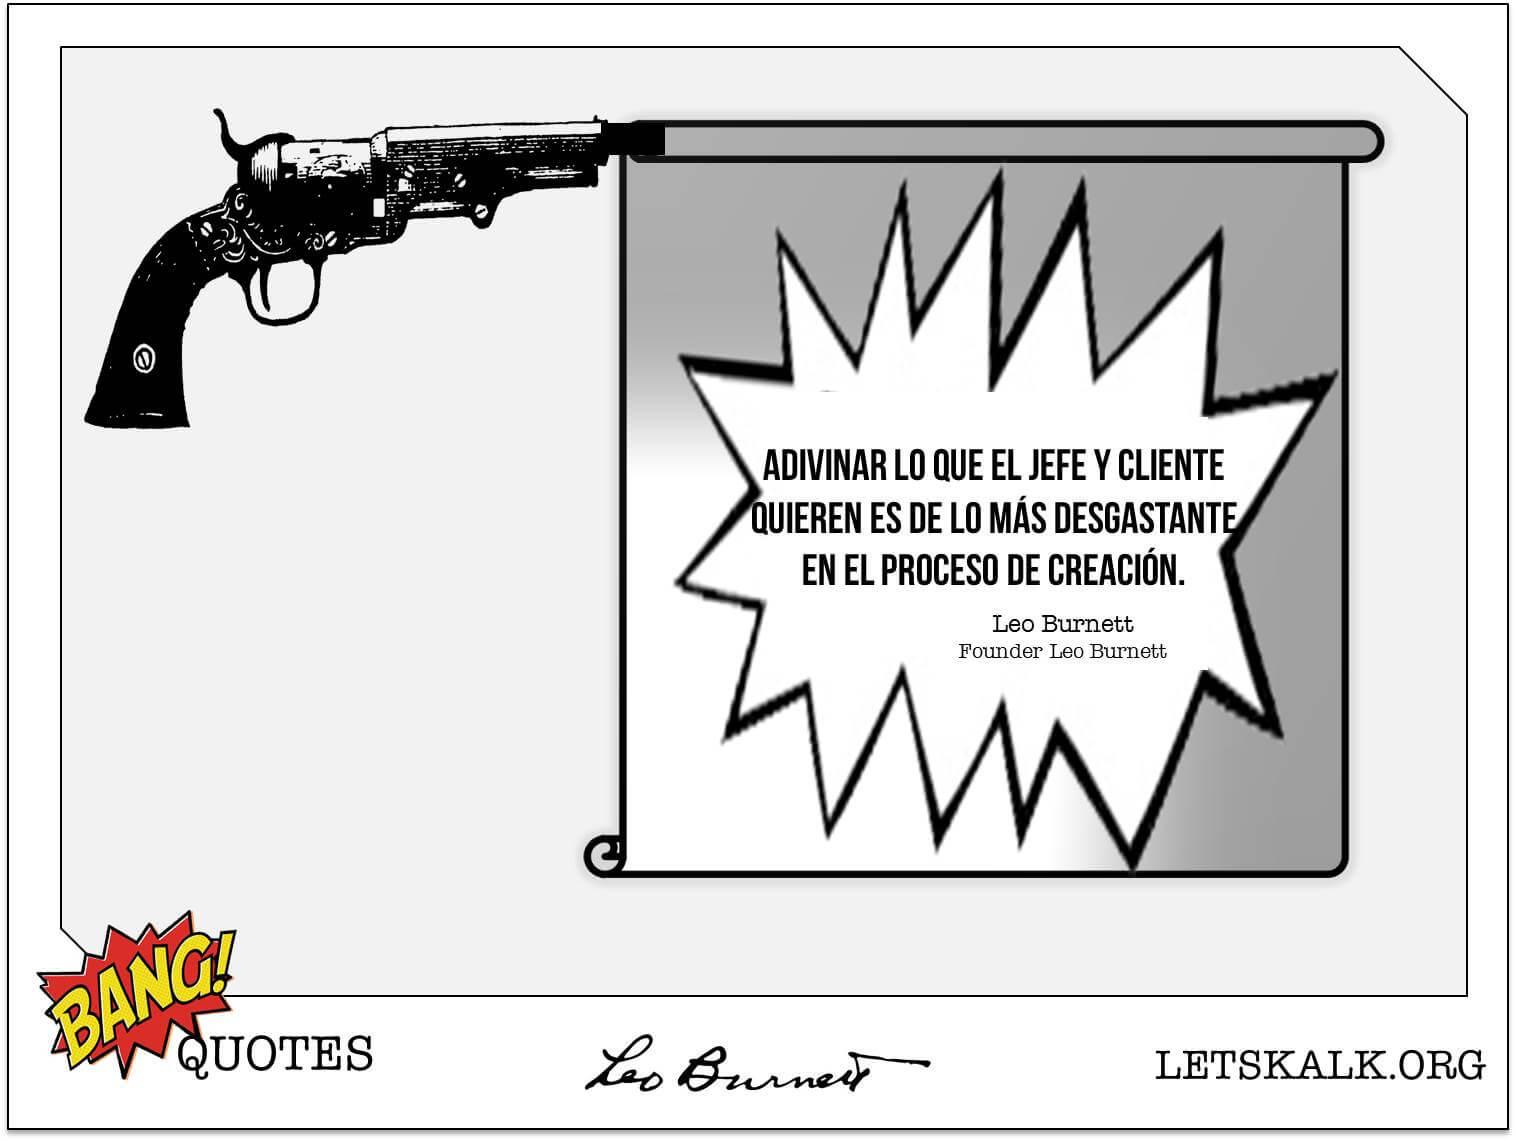 """#BangQuotes: """"Adivinar lo que el jefe y cliente quieren es…""""-Leo Burnett"""